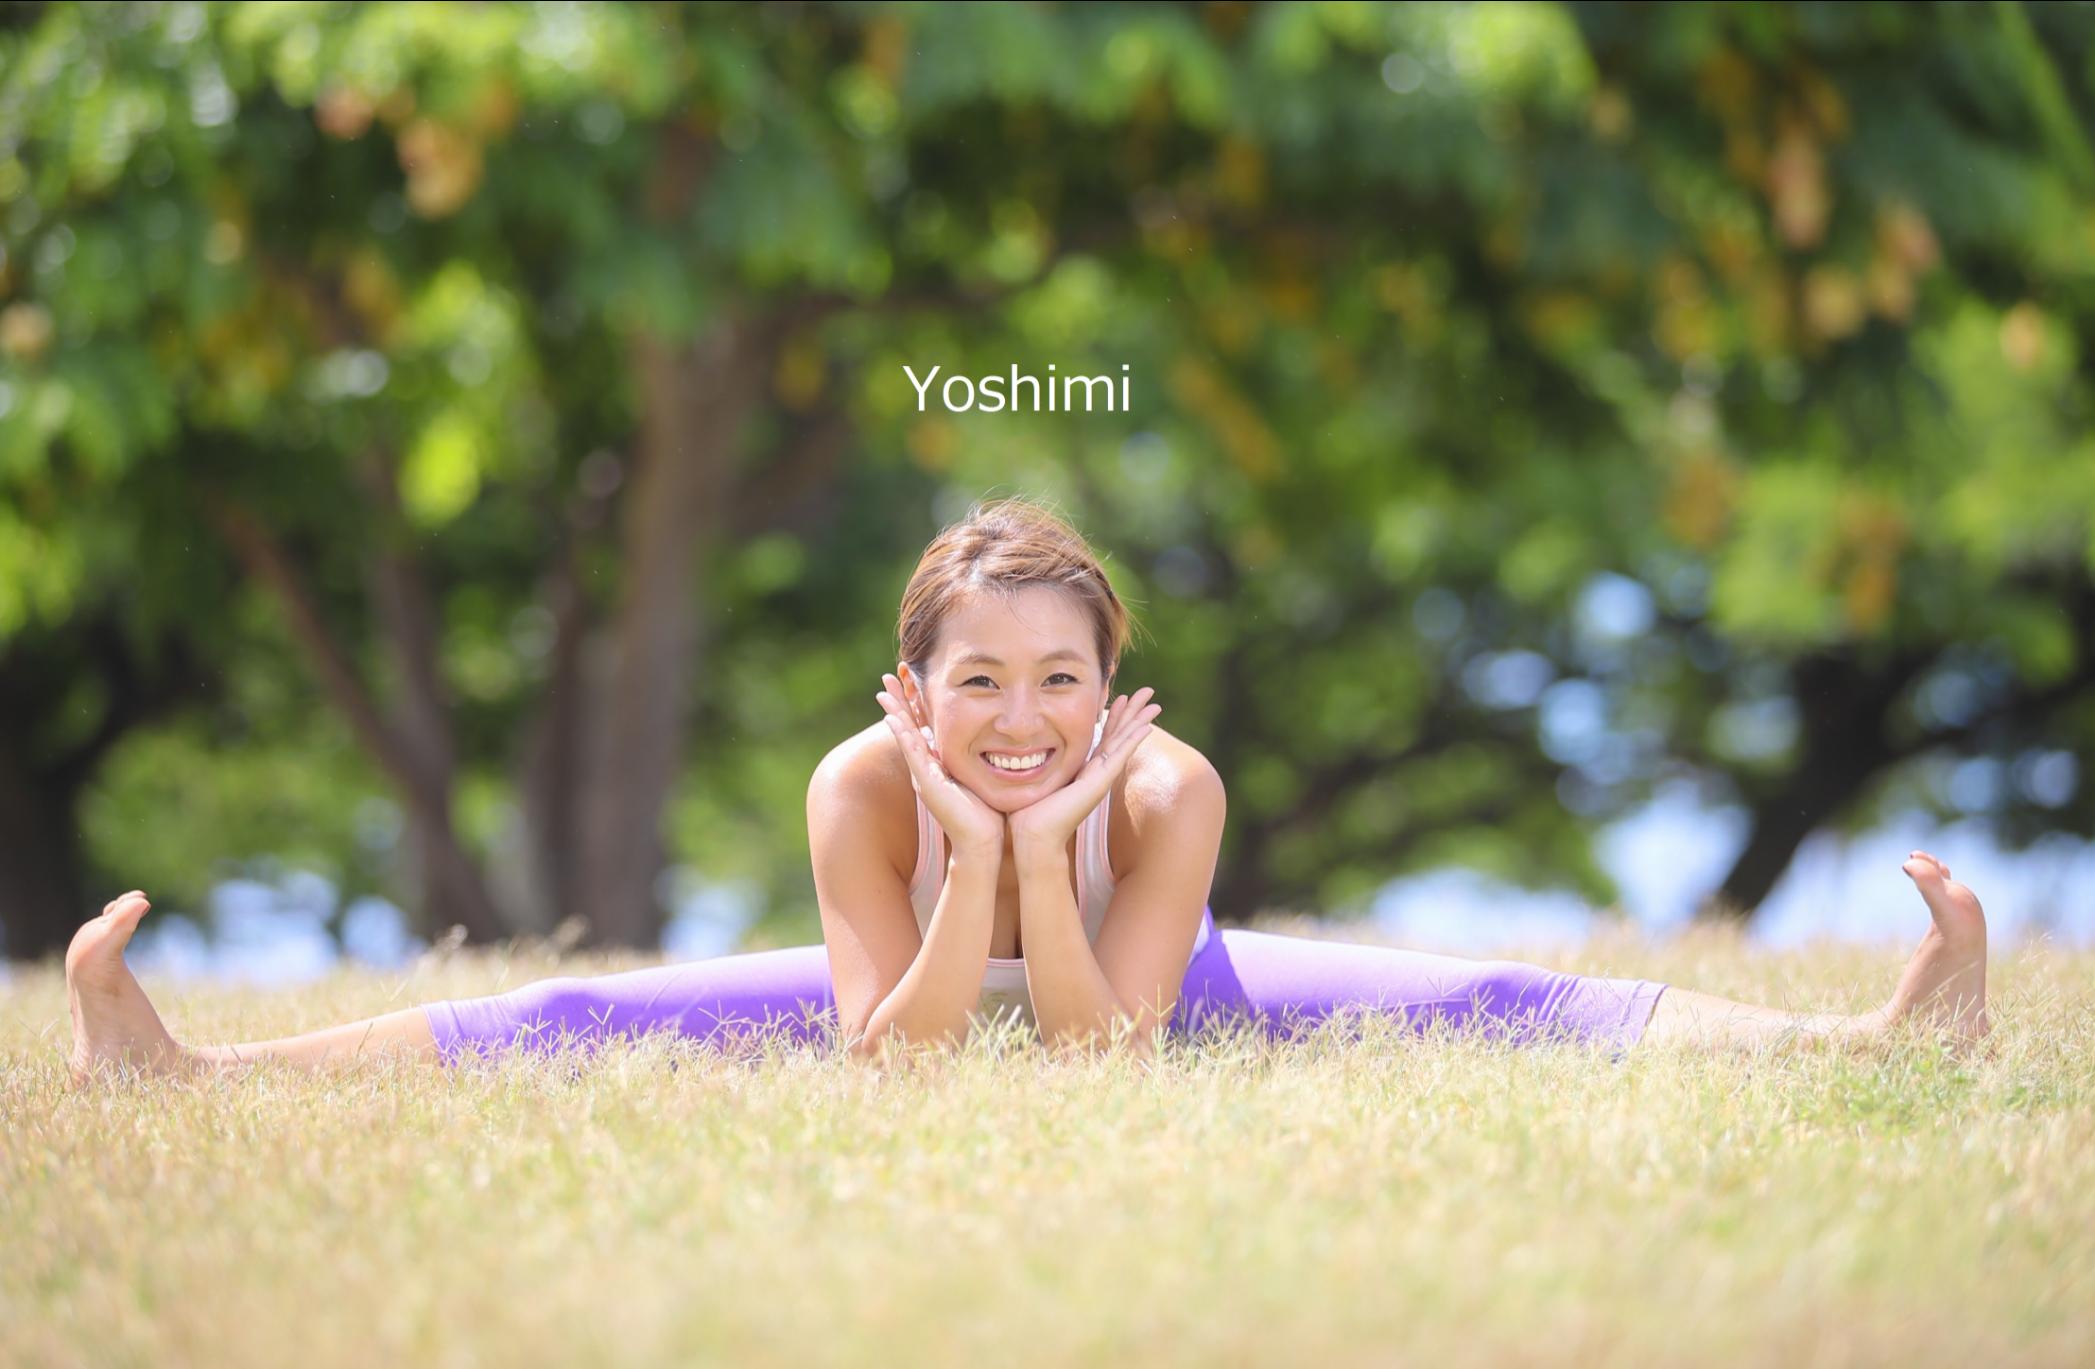 Yoshimi(小)